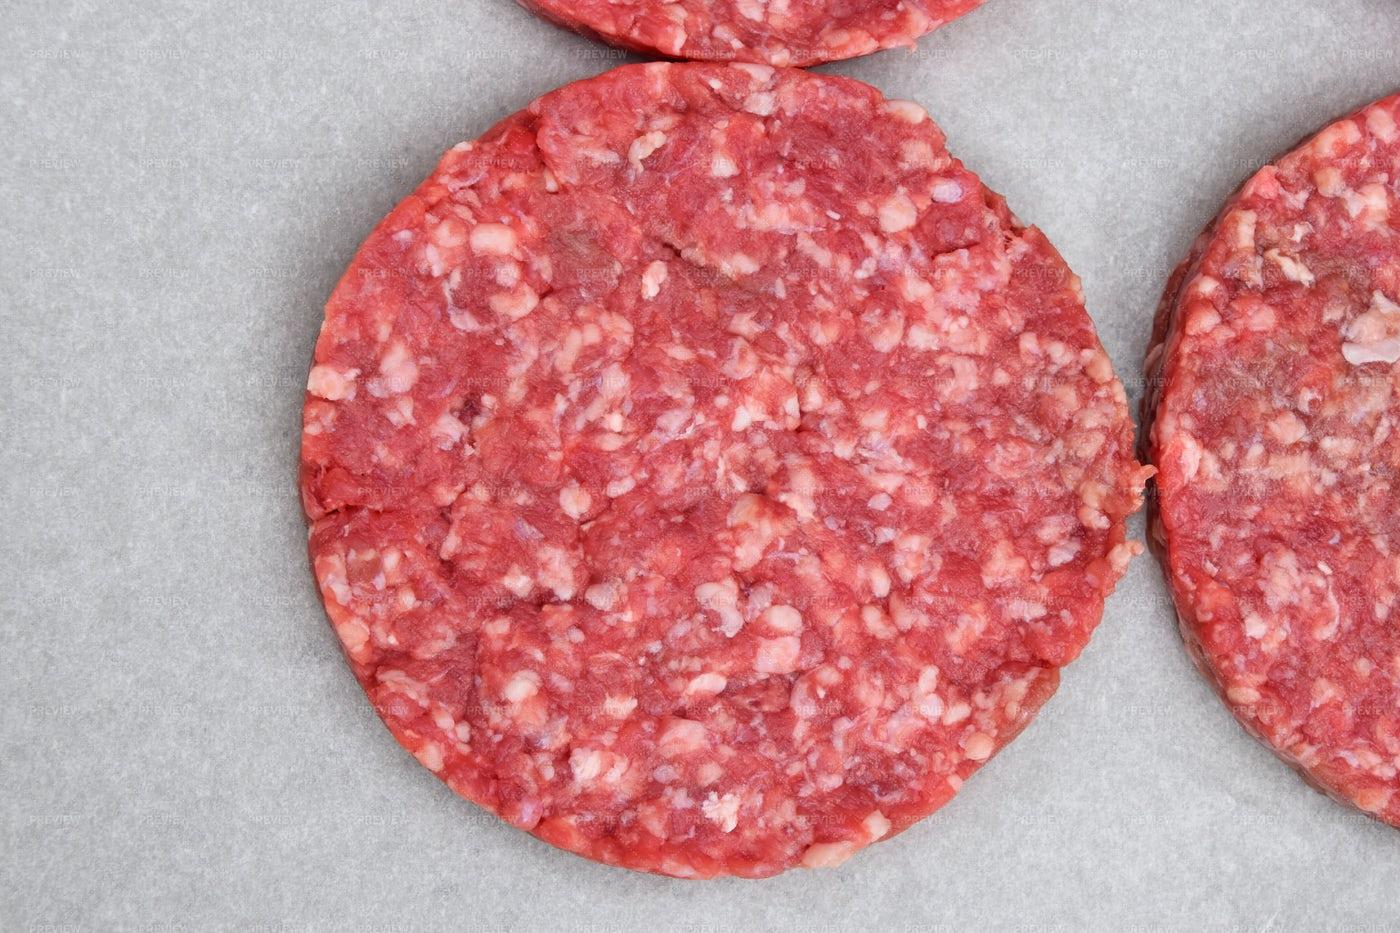 Raw Meat Burgers: Stock Photos